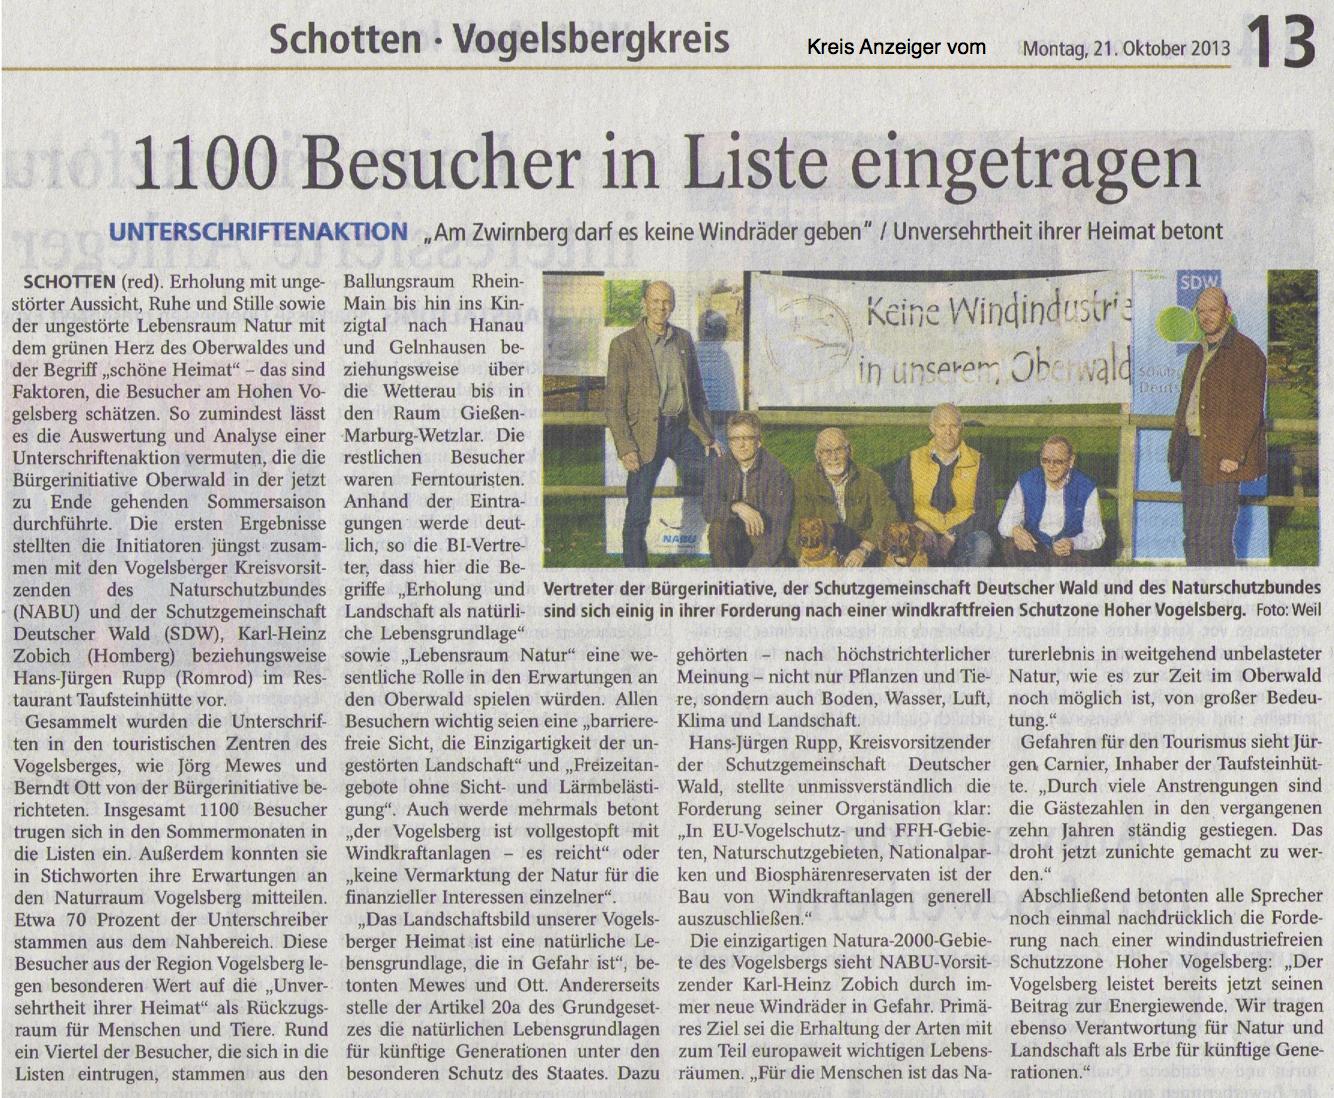 Kreisanzeiger: Am Zwirnberg darf es keine Windkraft geben - 1100 Besucher in Liste eingetragen